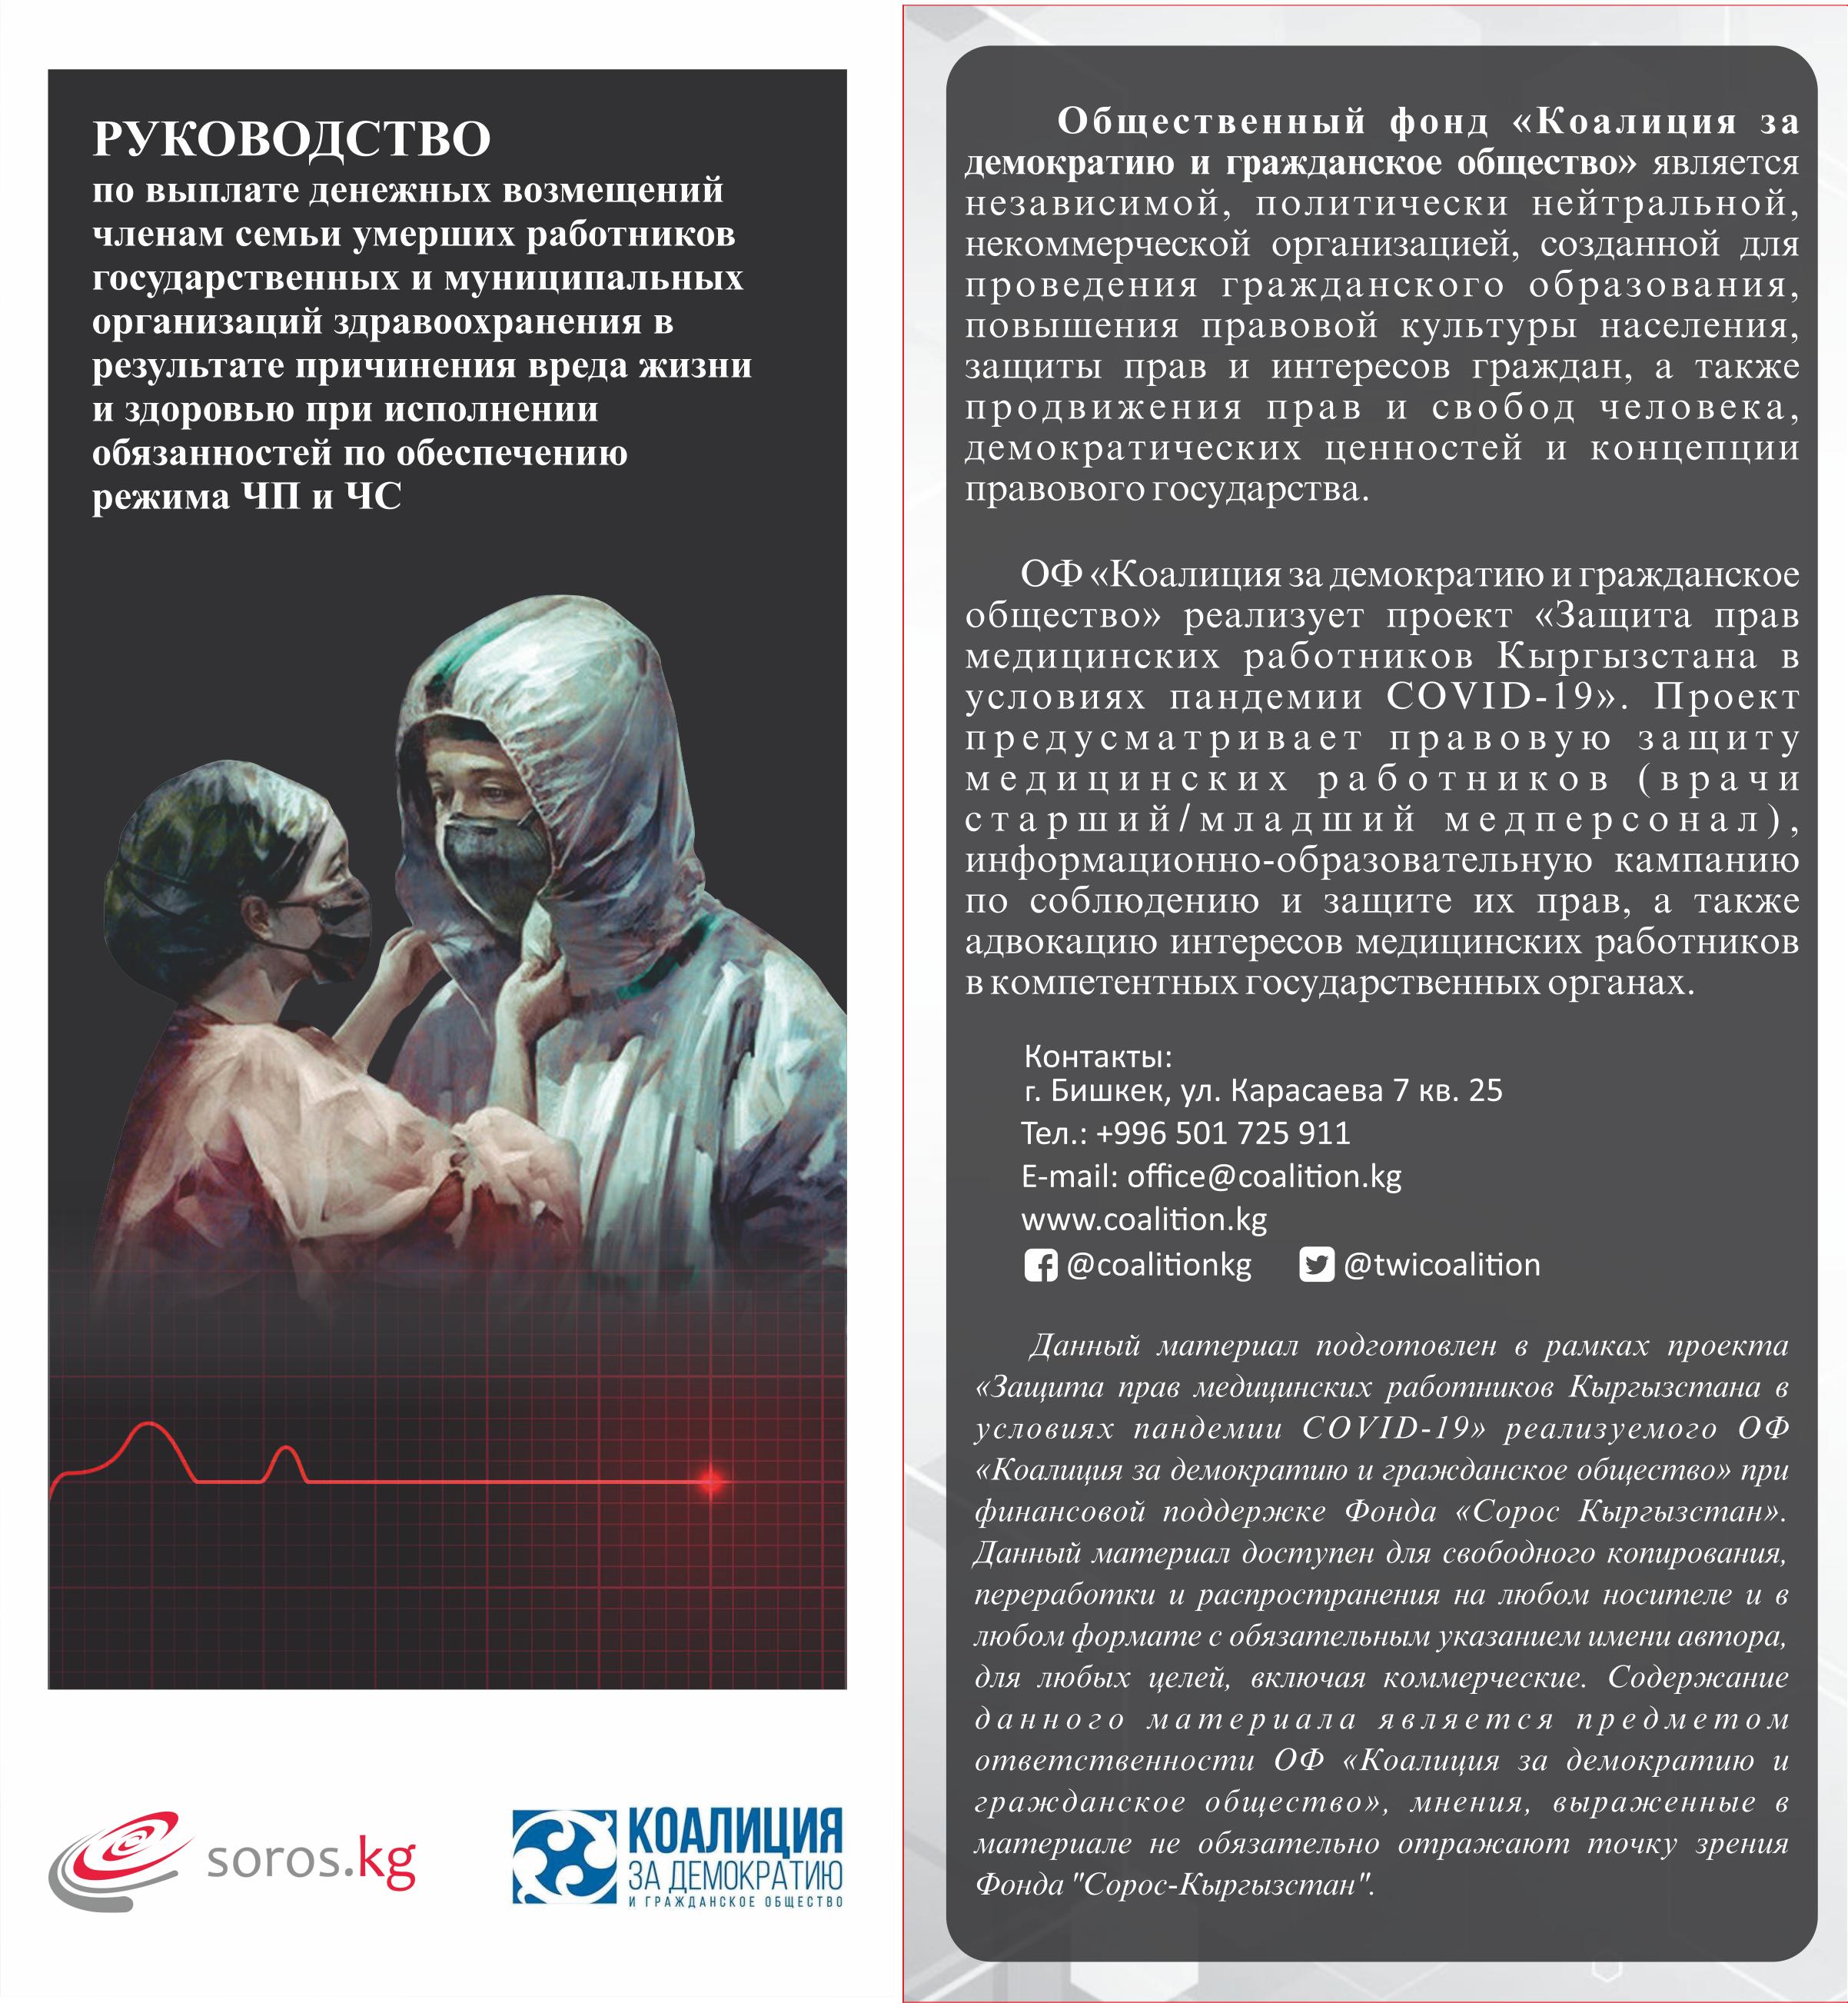 (Русский) РУКОВОДСТВО  по выплате денежных возмещений членам семьи умерших медицинских работников